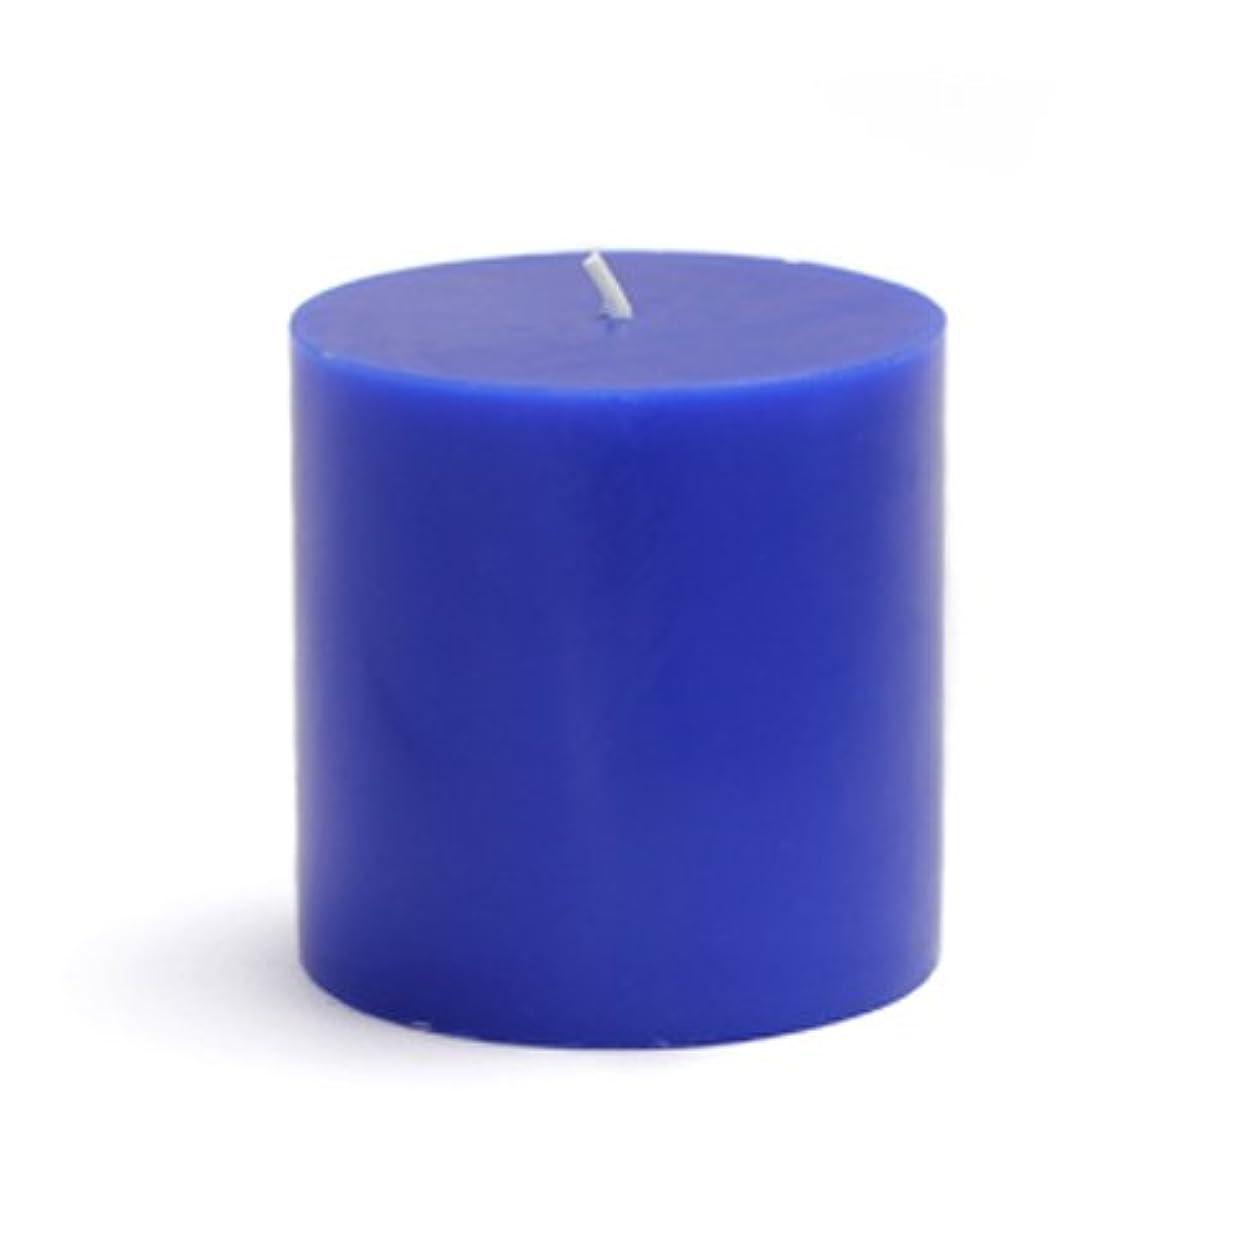 電話投票望遠鏡Zest Candle CPZ-077-12 3 x 3 in. Blue Pillar Candles -12pcs-Case- Bulk